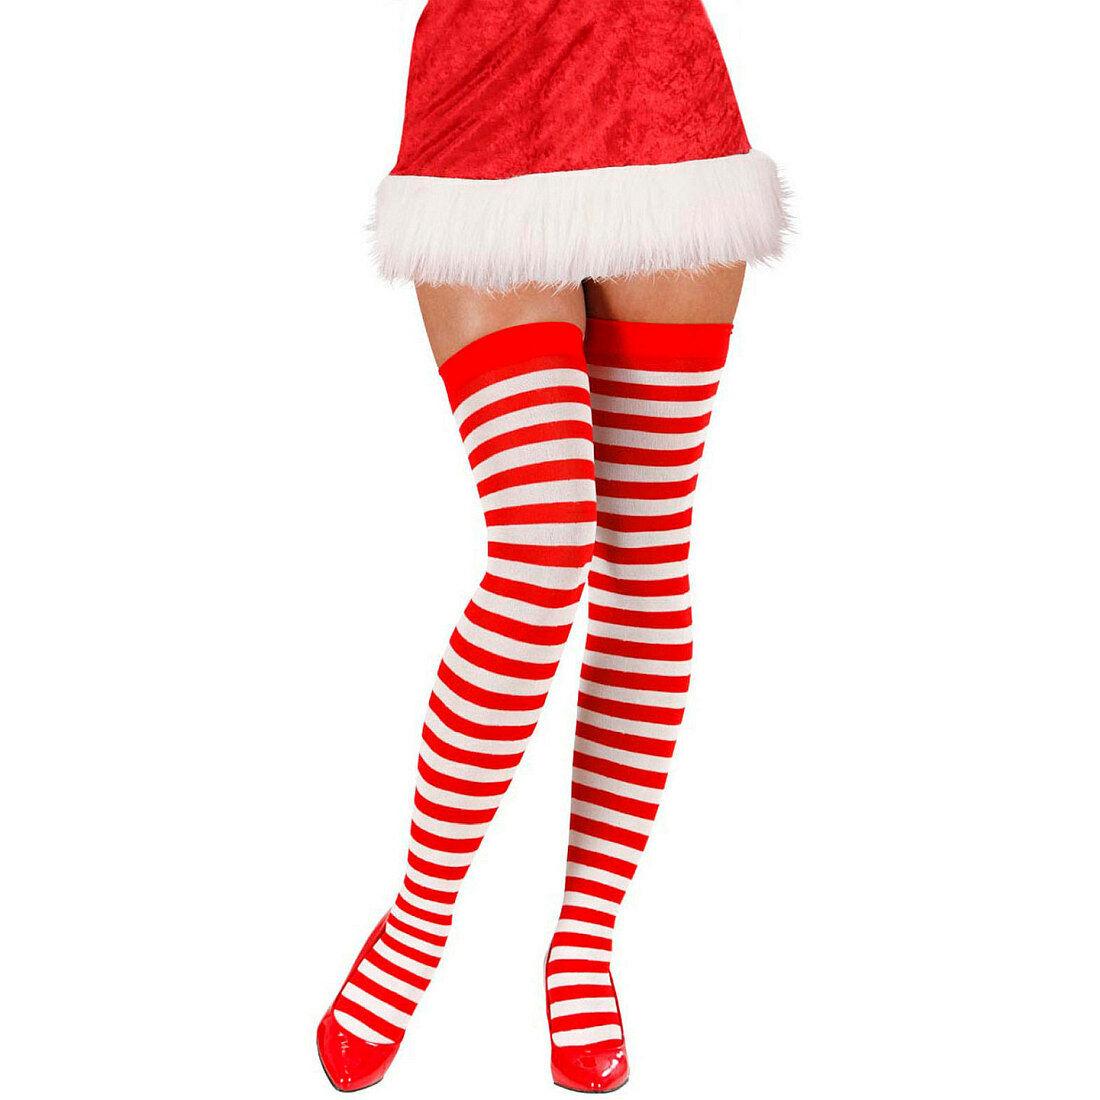 Geringelte halterlose Strümpfe Miss Santa Rot-Weiß Weihnachtsstrümpfe Overknees